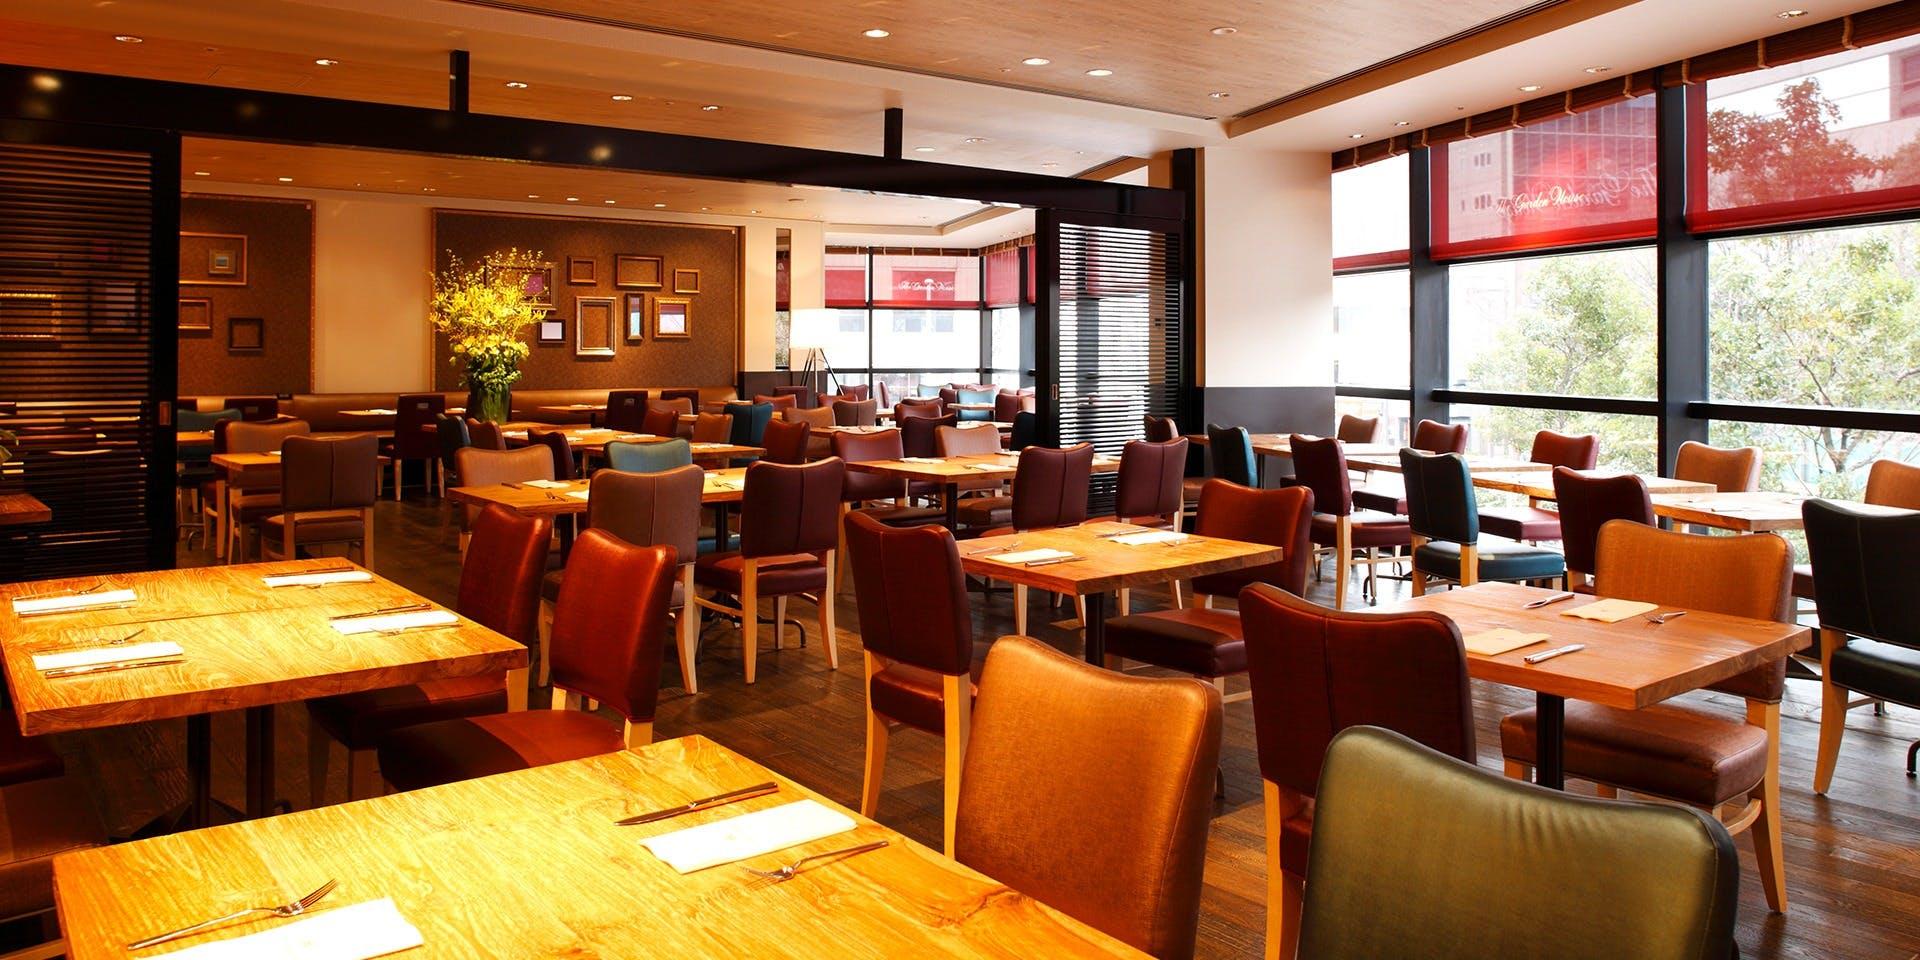 記念日におすすめのレストラン・ザ・ガーデンハウス/ホテル日航金沢の写真1